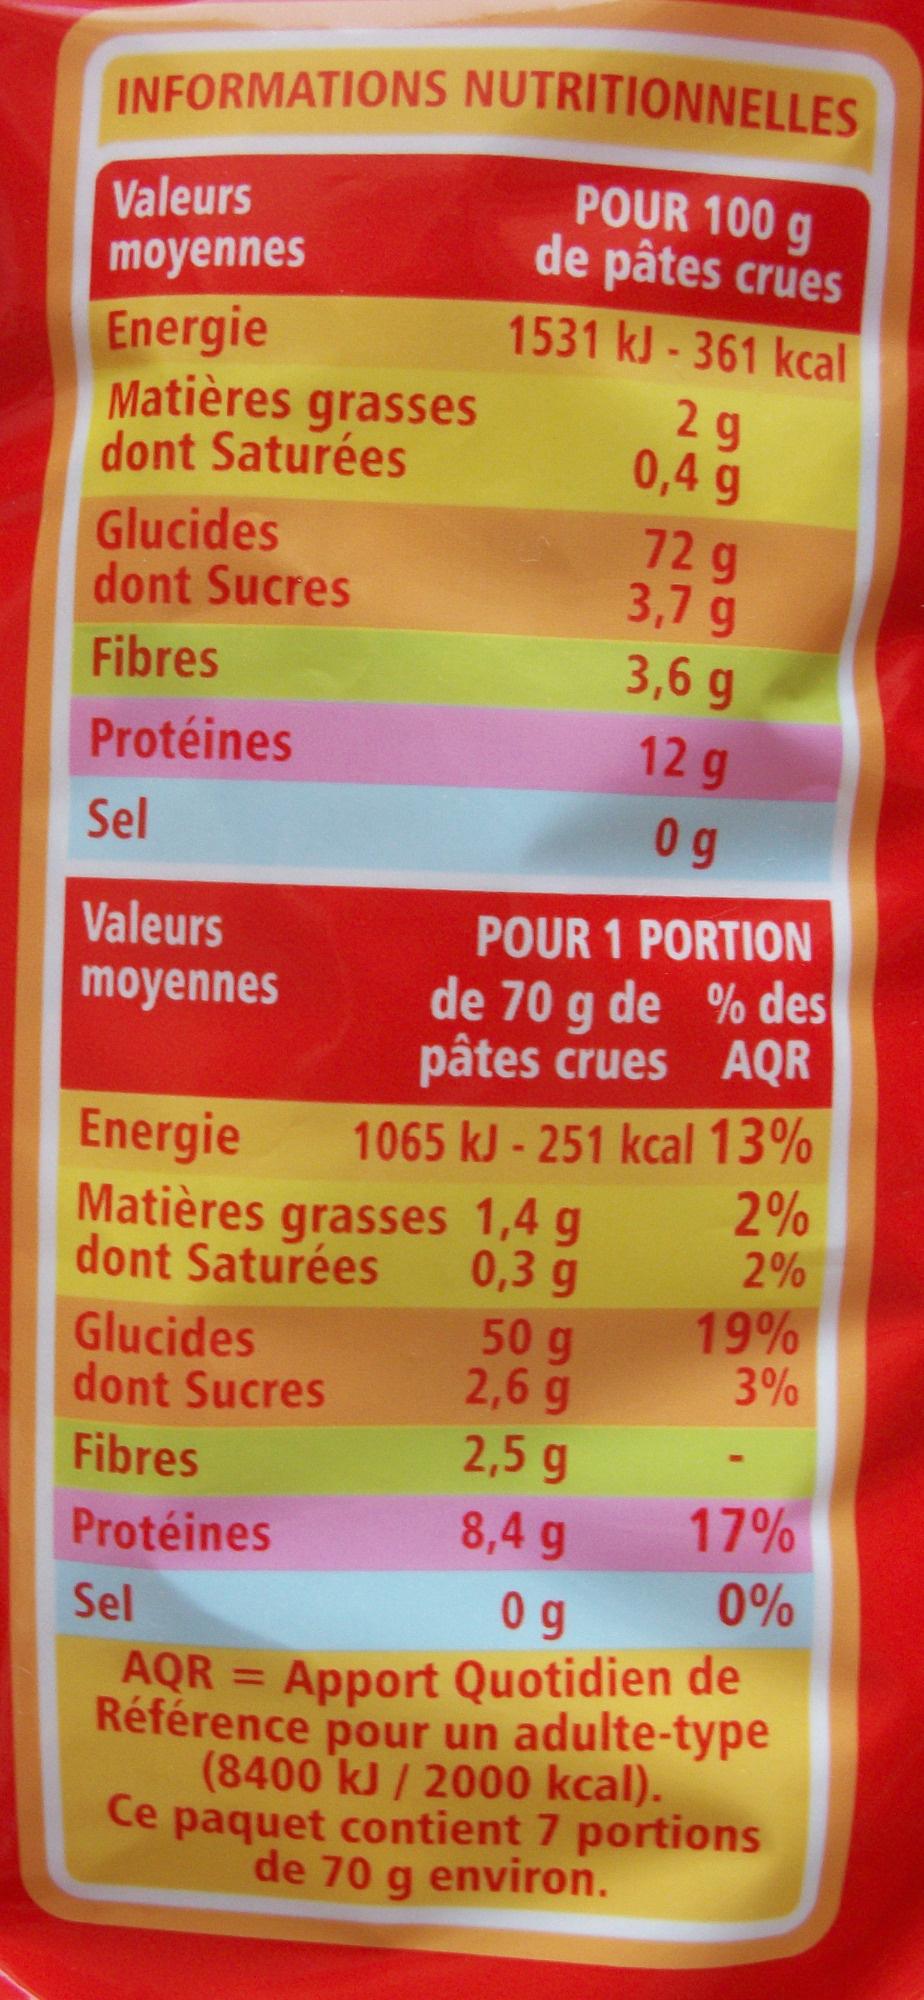 Gansettes - pates de qualité supérieure - Voedingswaarden - fr